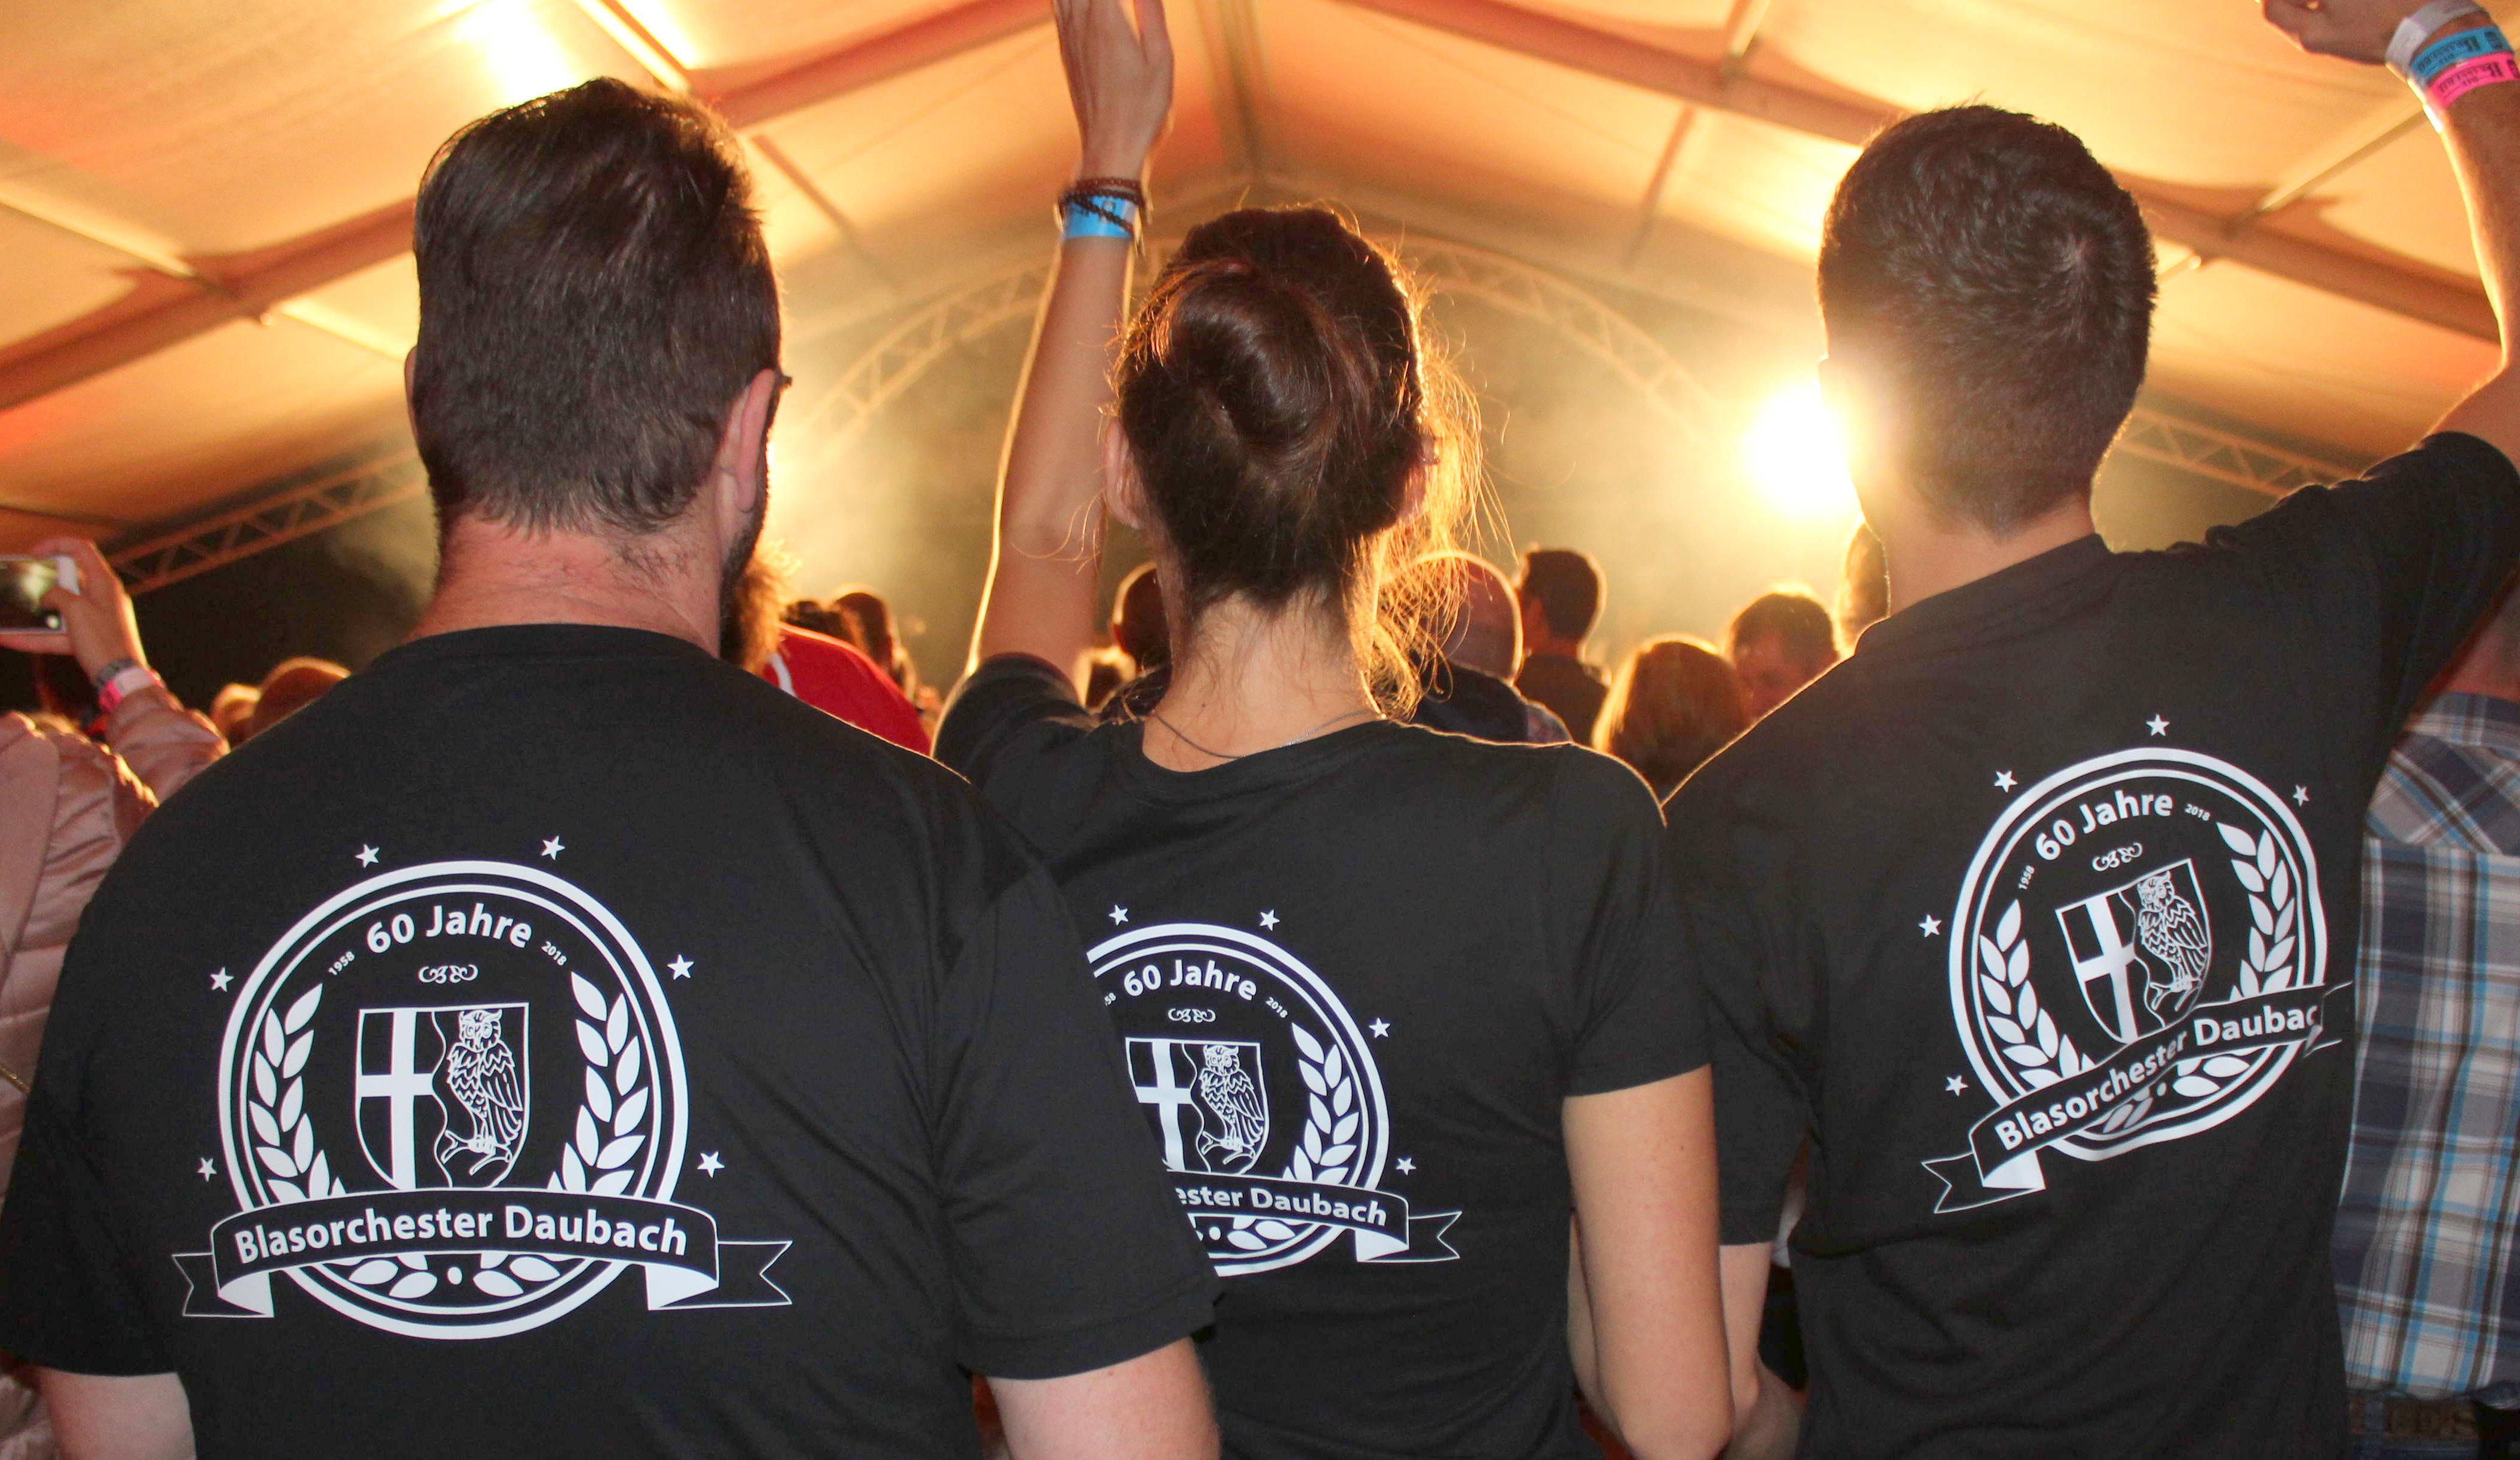 Blasorchester Daubach: Drei-Tages-Feier zum 60. Geburtstag